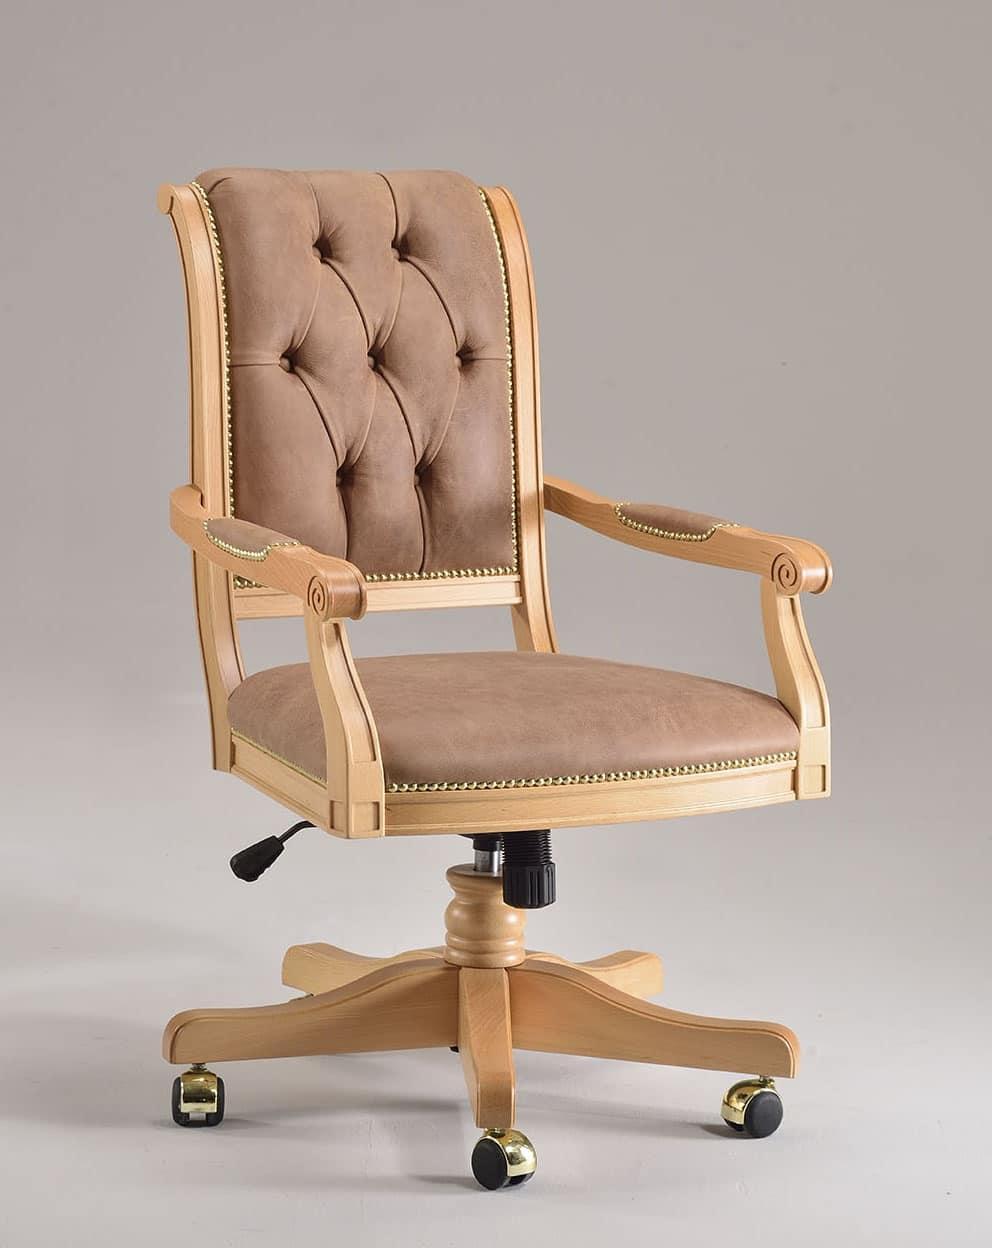 Sedute sedie ufficio presidenziali classiche idfdesign for Sedute da ufficio